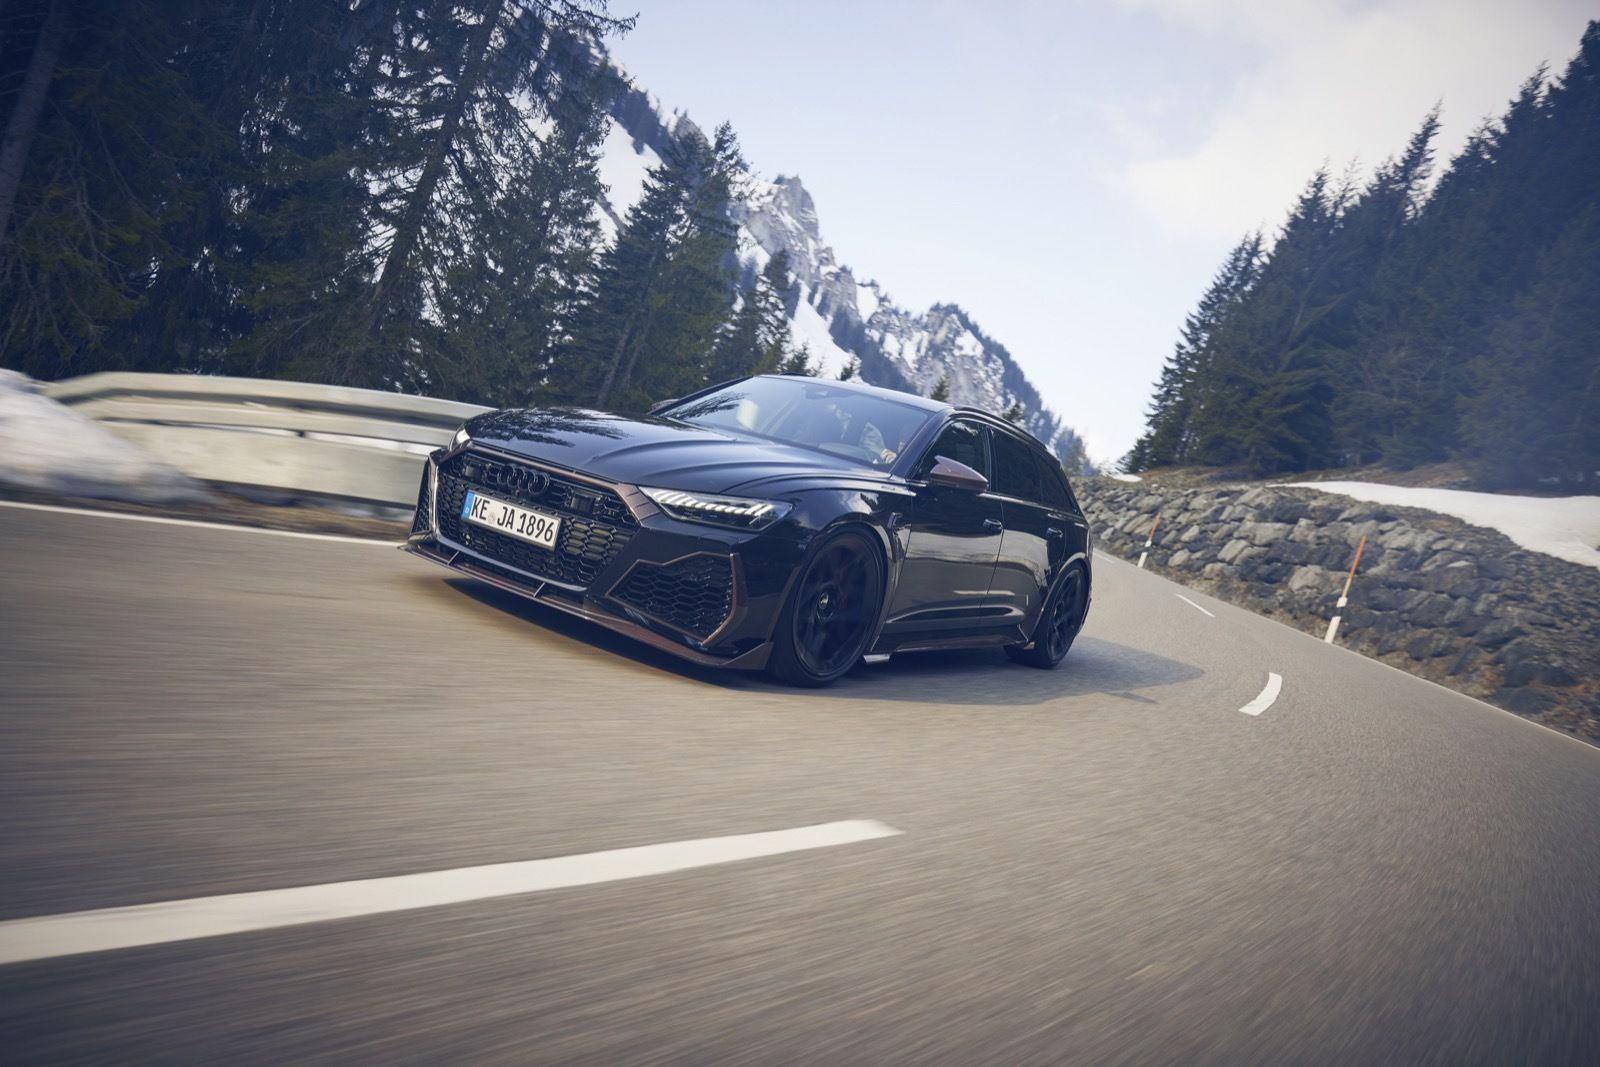 Audi_RS6_Johann_Abt_Signature_Edition-0012